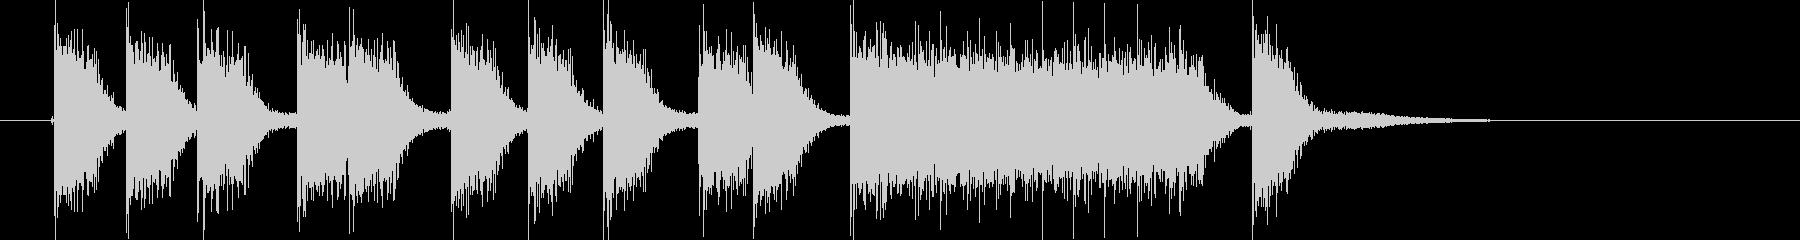 応援する時の音の未再生の波形